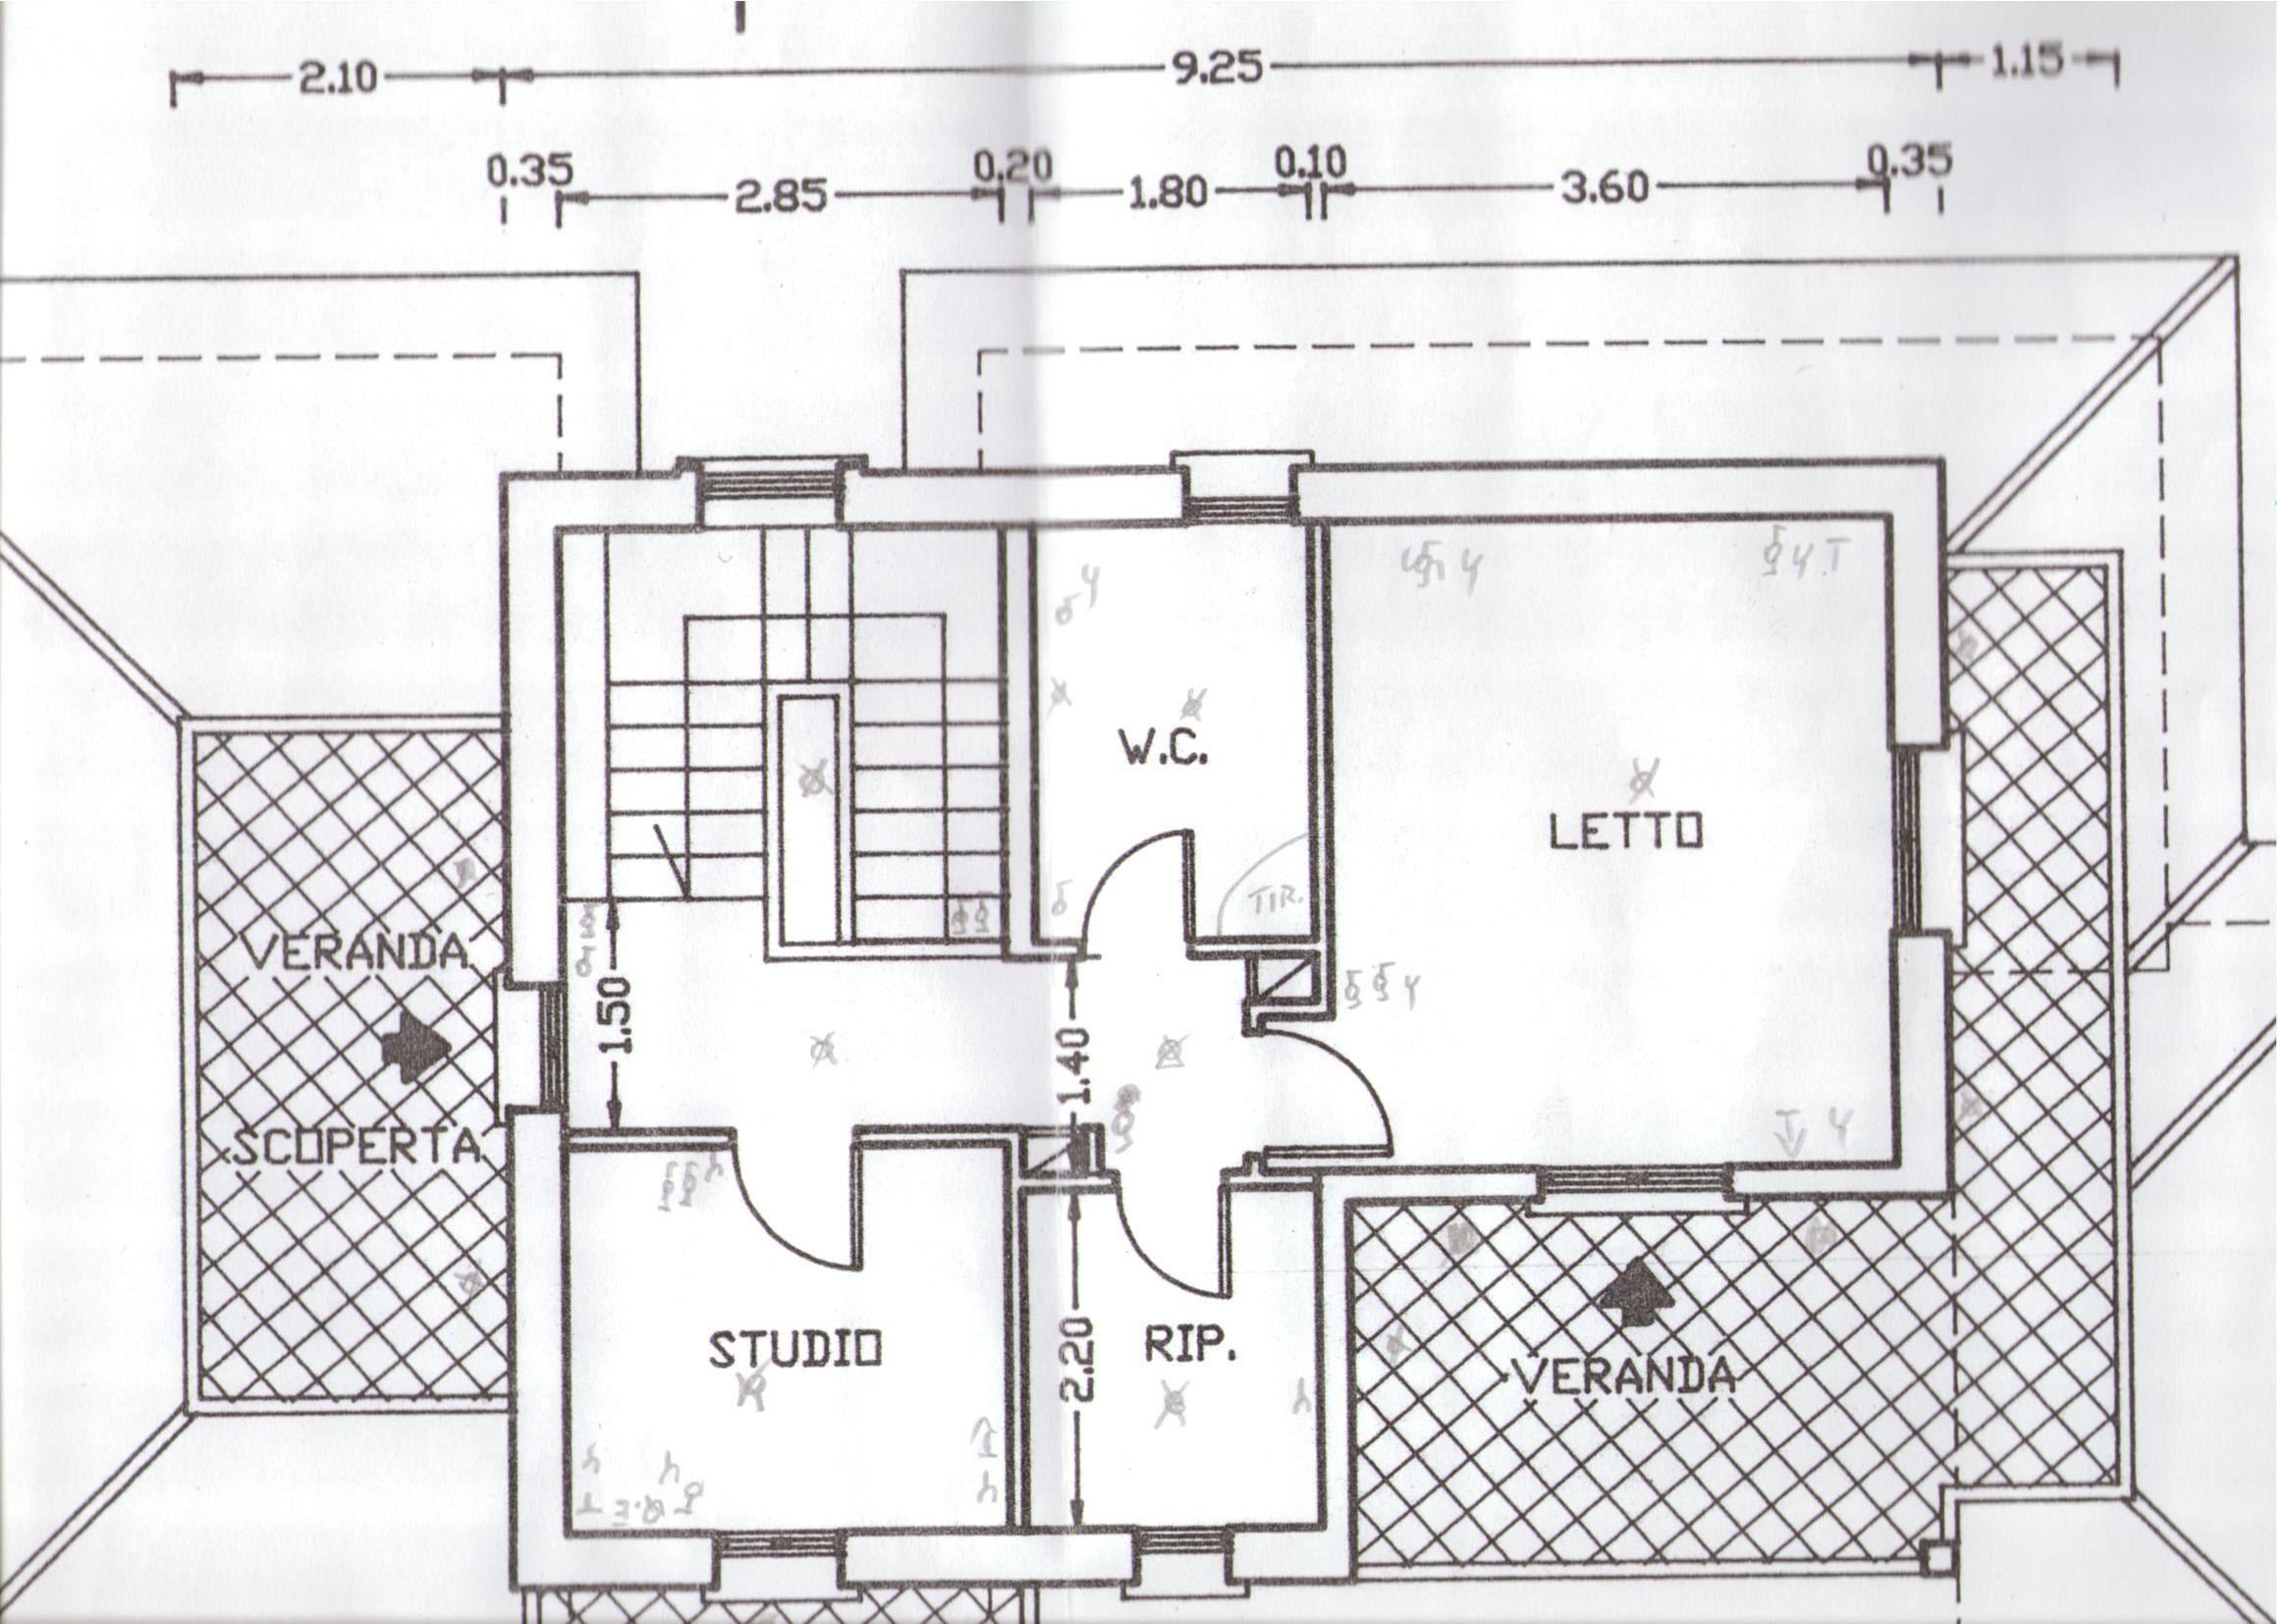 Schemi Elettrici Quadri : Progettazione impianti elettrici archdesignonline